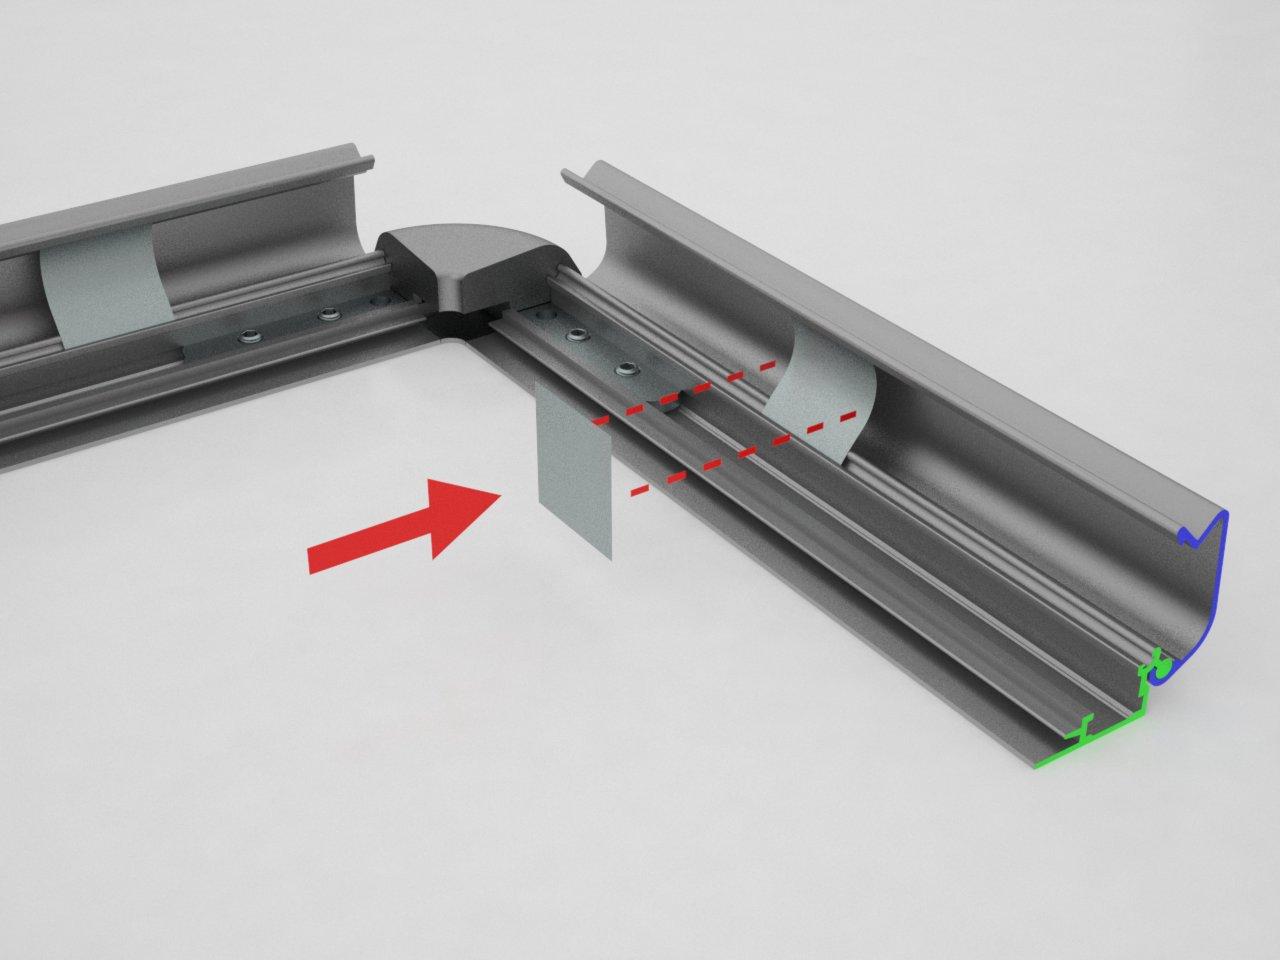 Detalhe da posição de encaixe da mola de pressão na moldura click